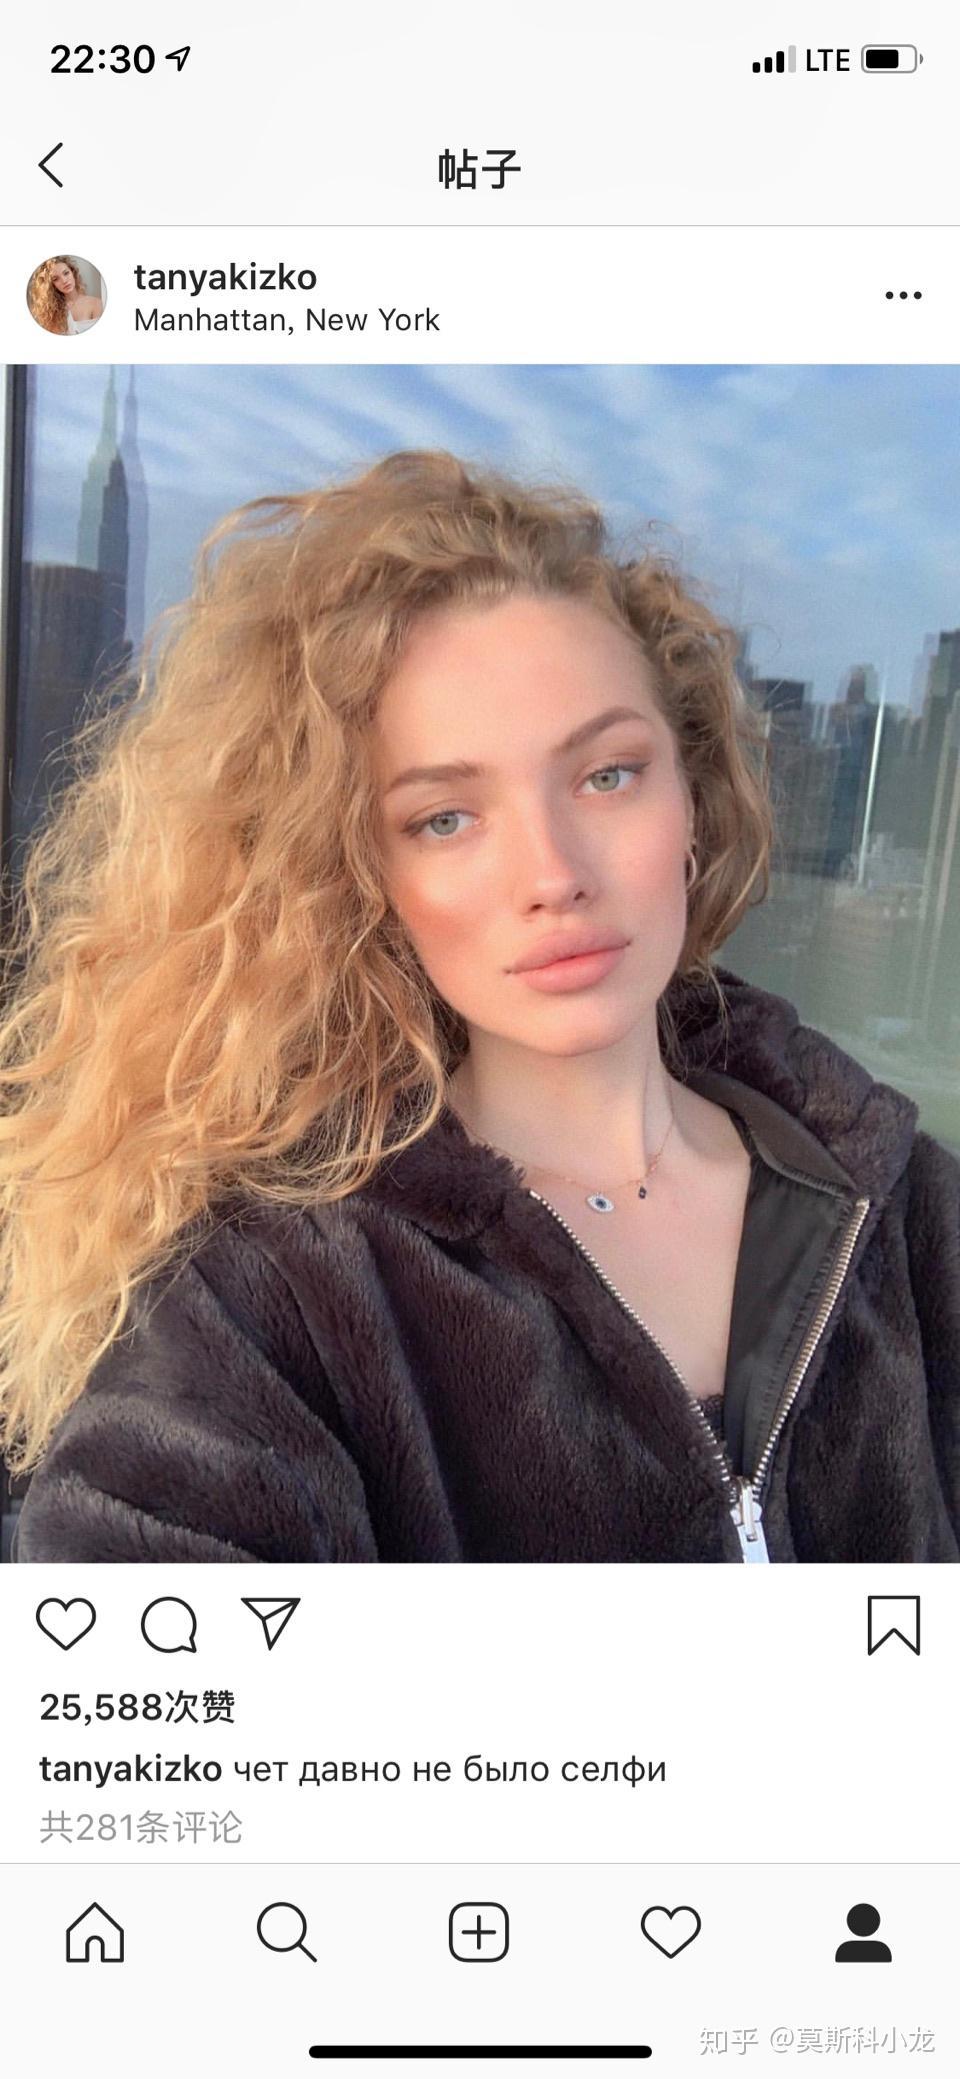 哪里能娶到俄罗斯女人 怎么娶到俄罗斯女孩子